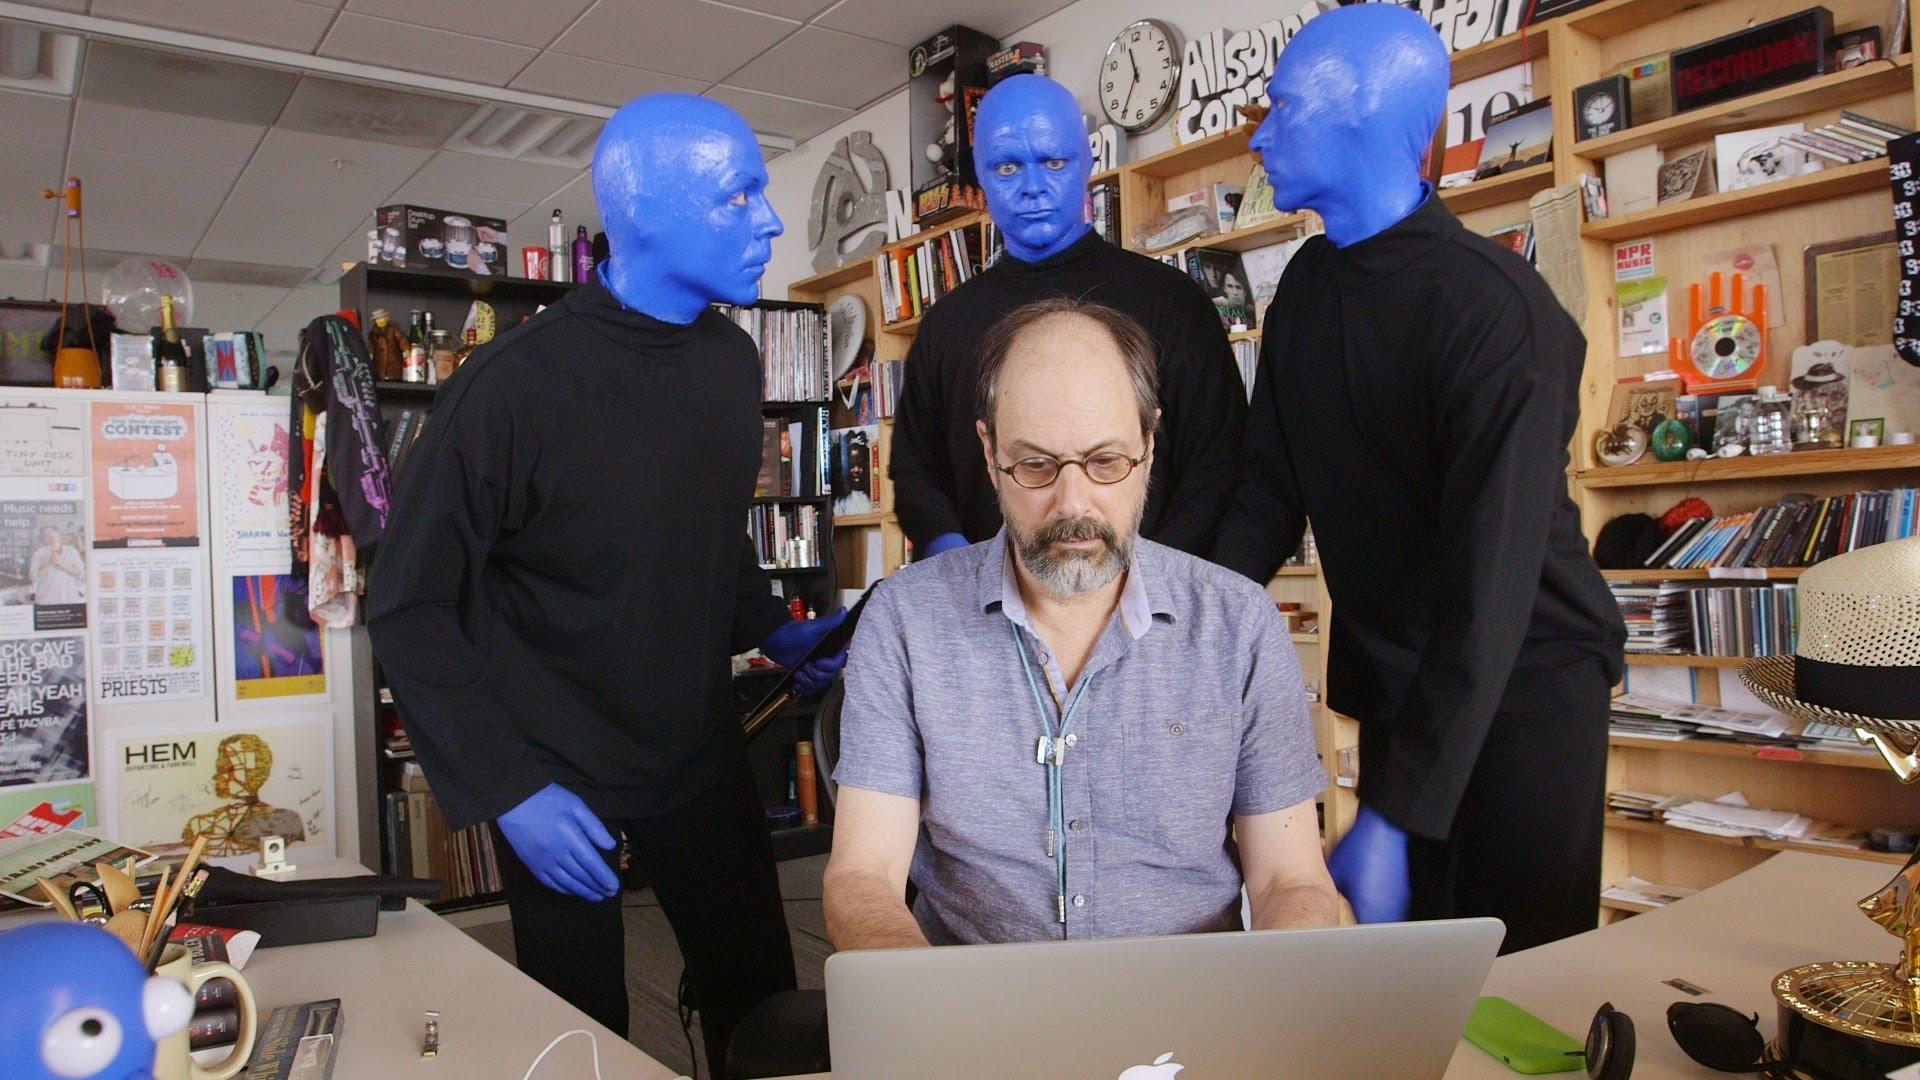 这个很不错 这个很不错 【蓝人组合 Blue Man Group - 】用他们自己研发的乐器玩高大上的音乐,简直了。《NPR Music Tiny Desk Concert - 完整版》》